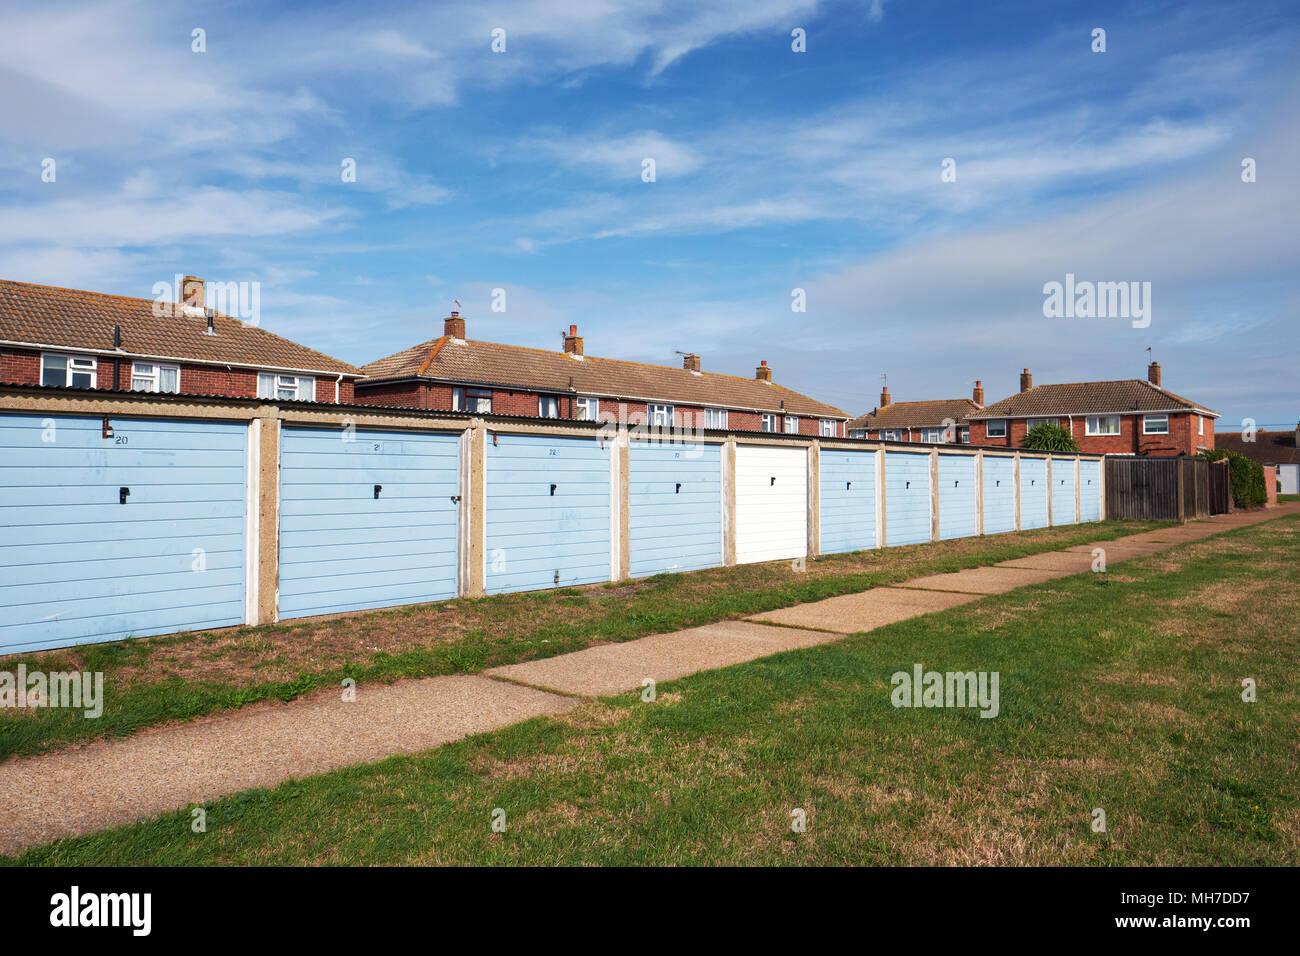 Garajes y casas en Lydd Sussex, Inglaterra, Reino Unido. Imagen De Stock